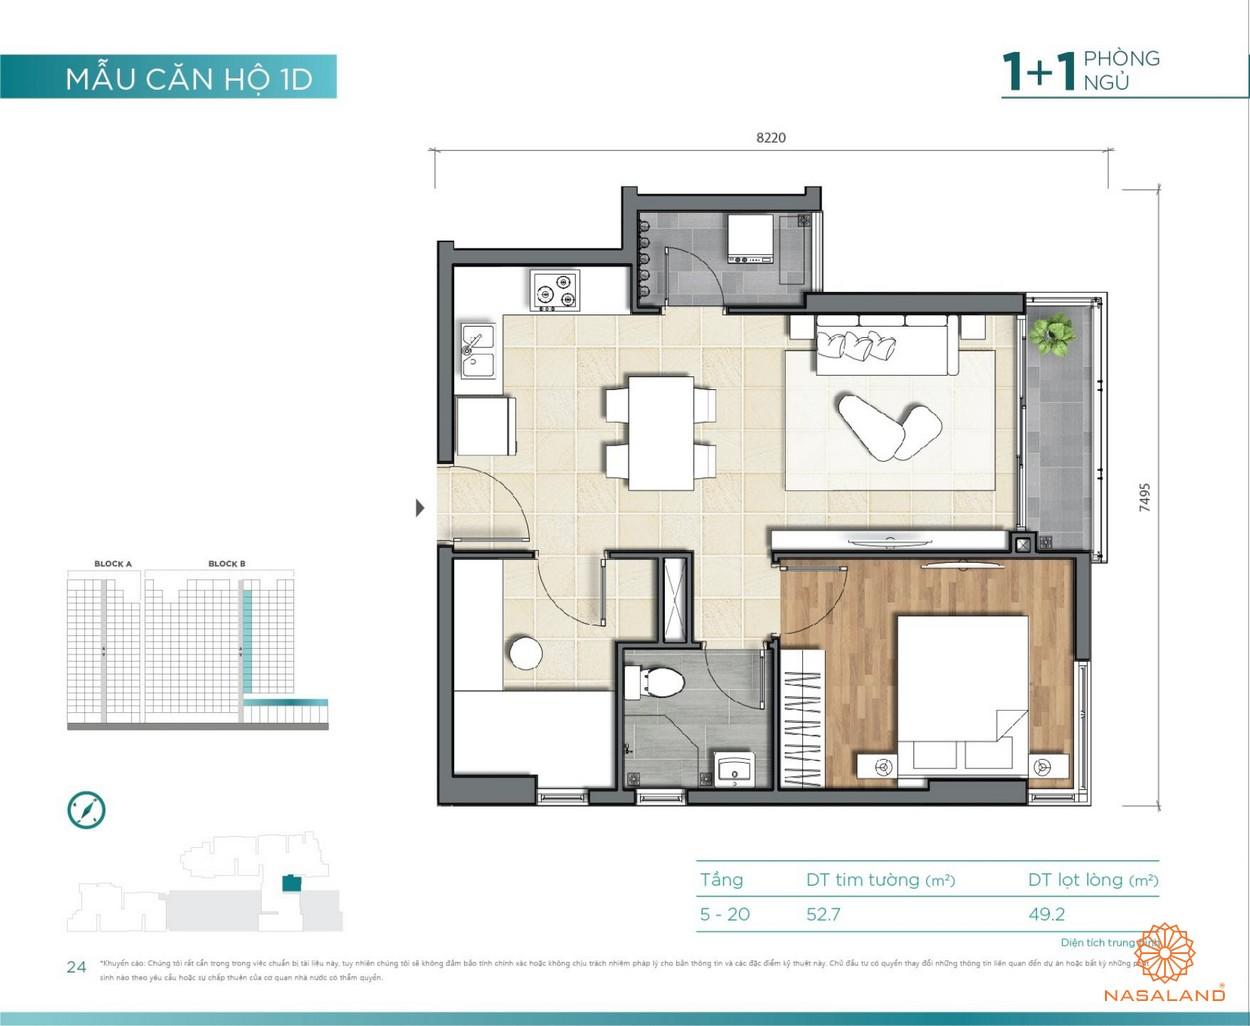 Thiết kế căn hộ 1PN+1 D'lusso Emerald Quận 2 đường Nguyễn Thị Định chủ đầu tư Điền Phúc Thành